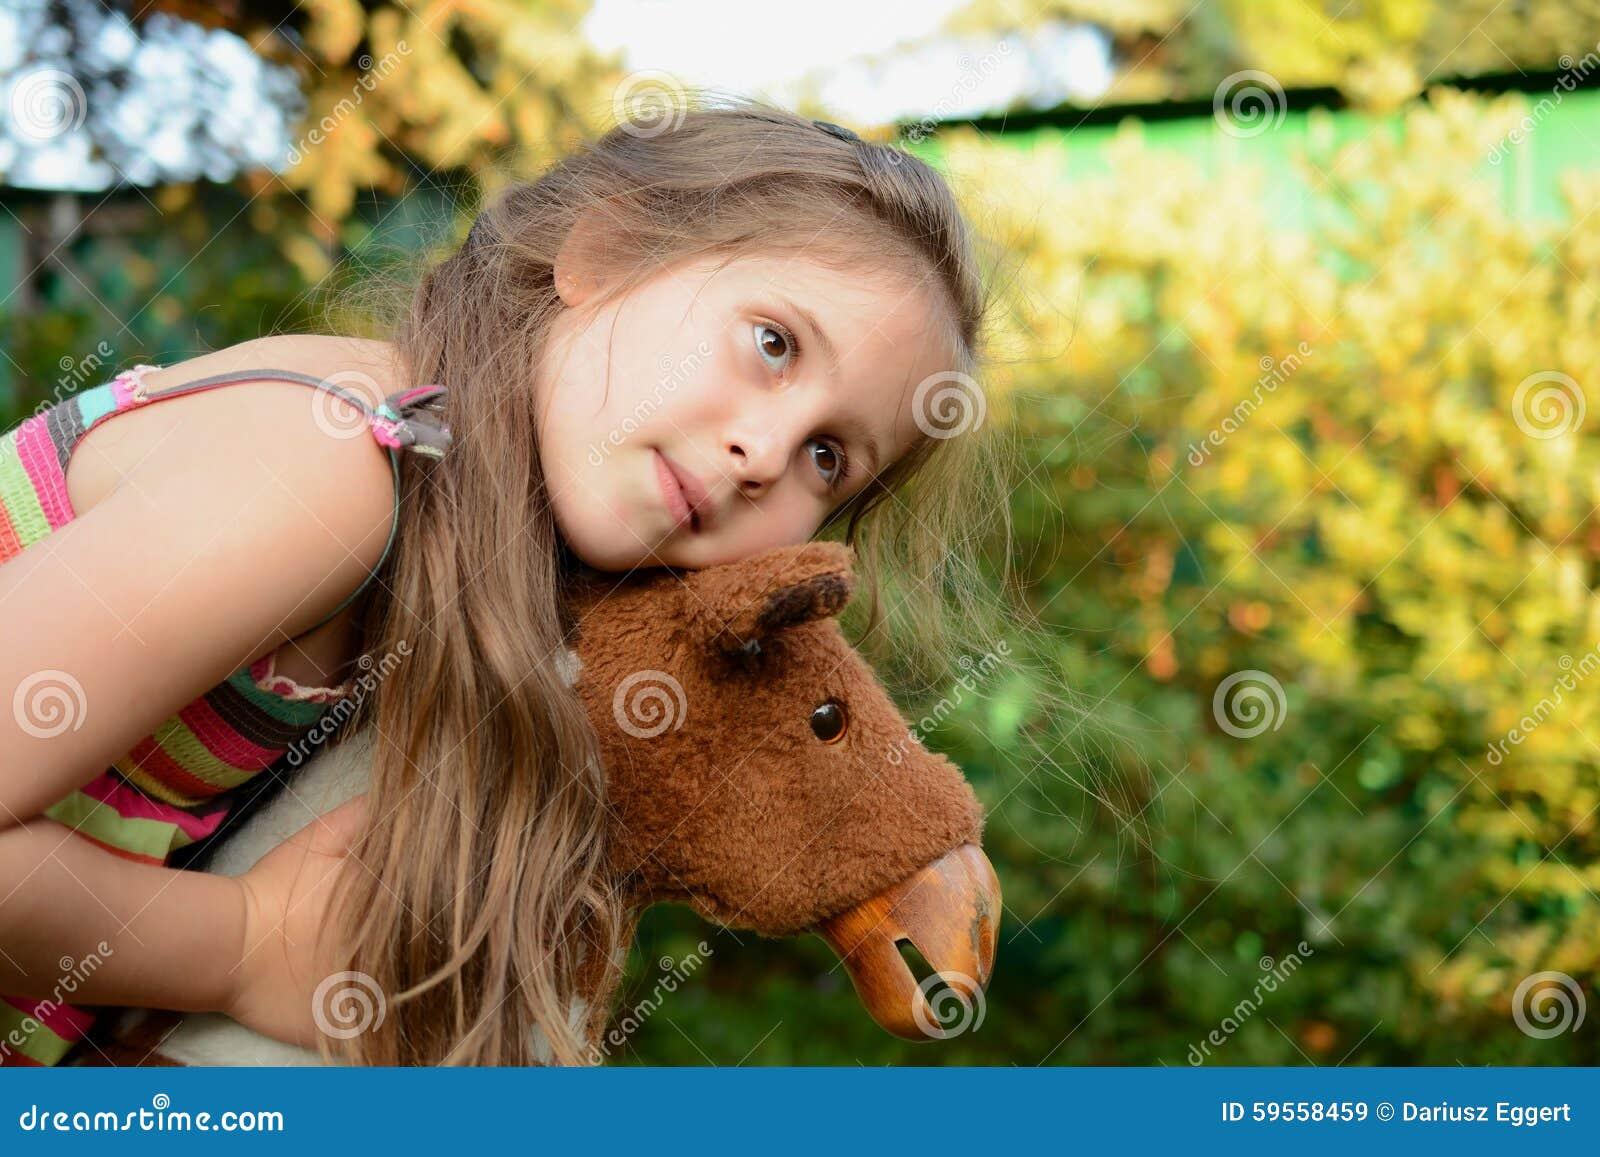 Mädchen umarmt ein Schaukelpferd